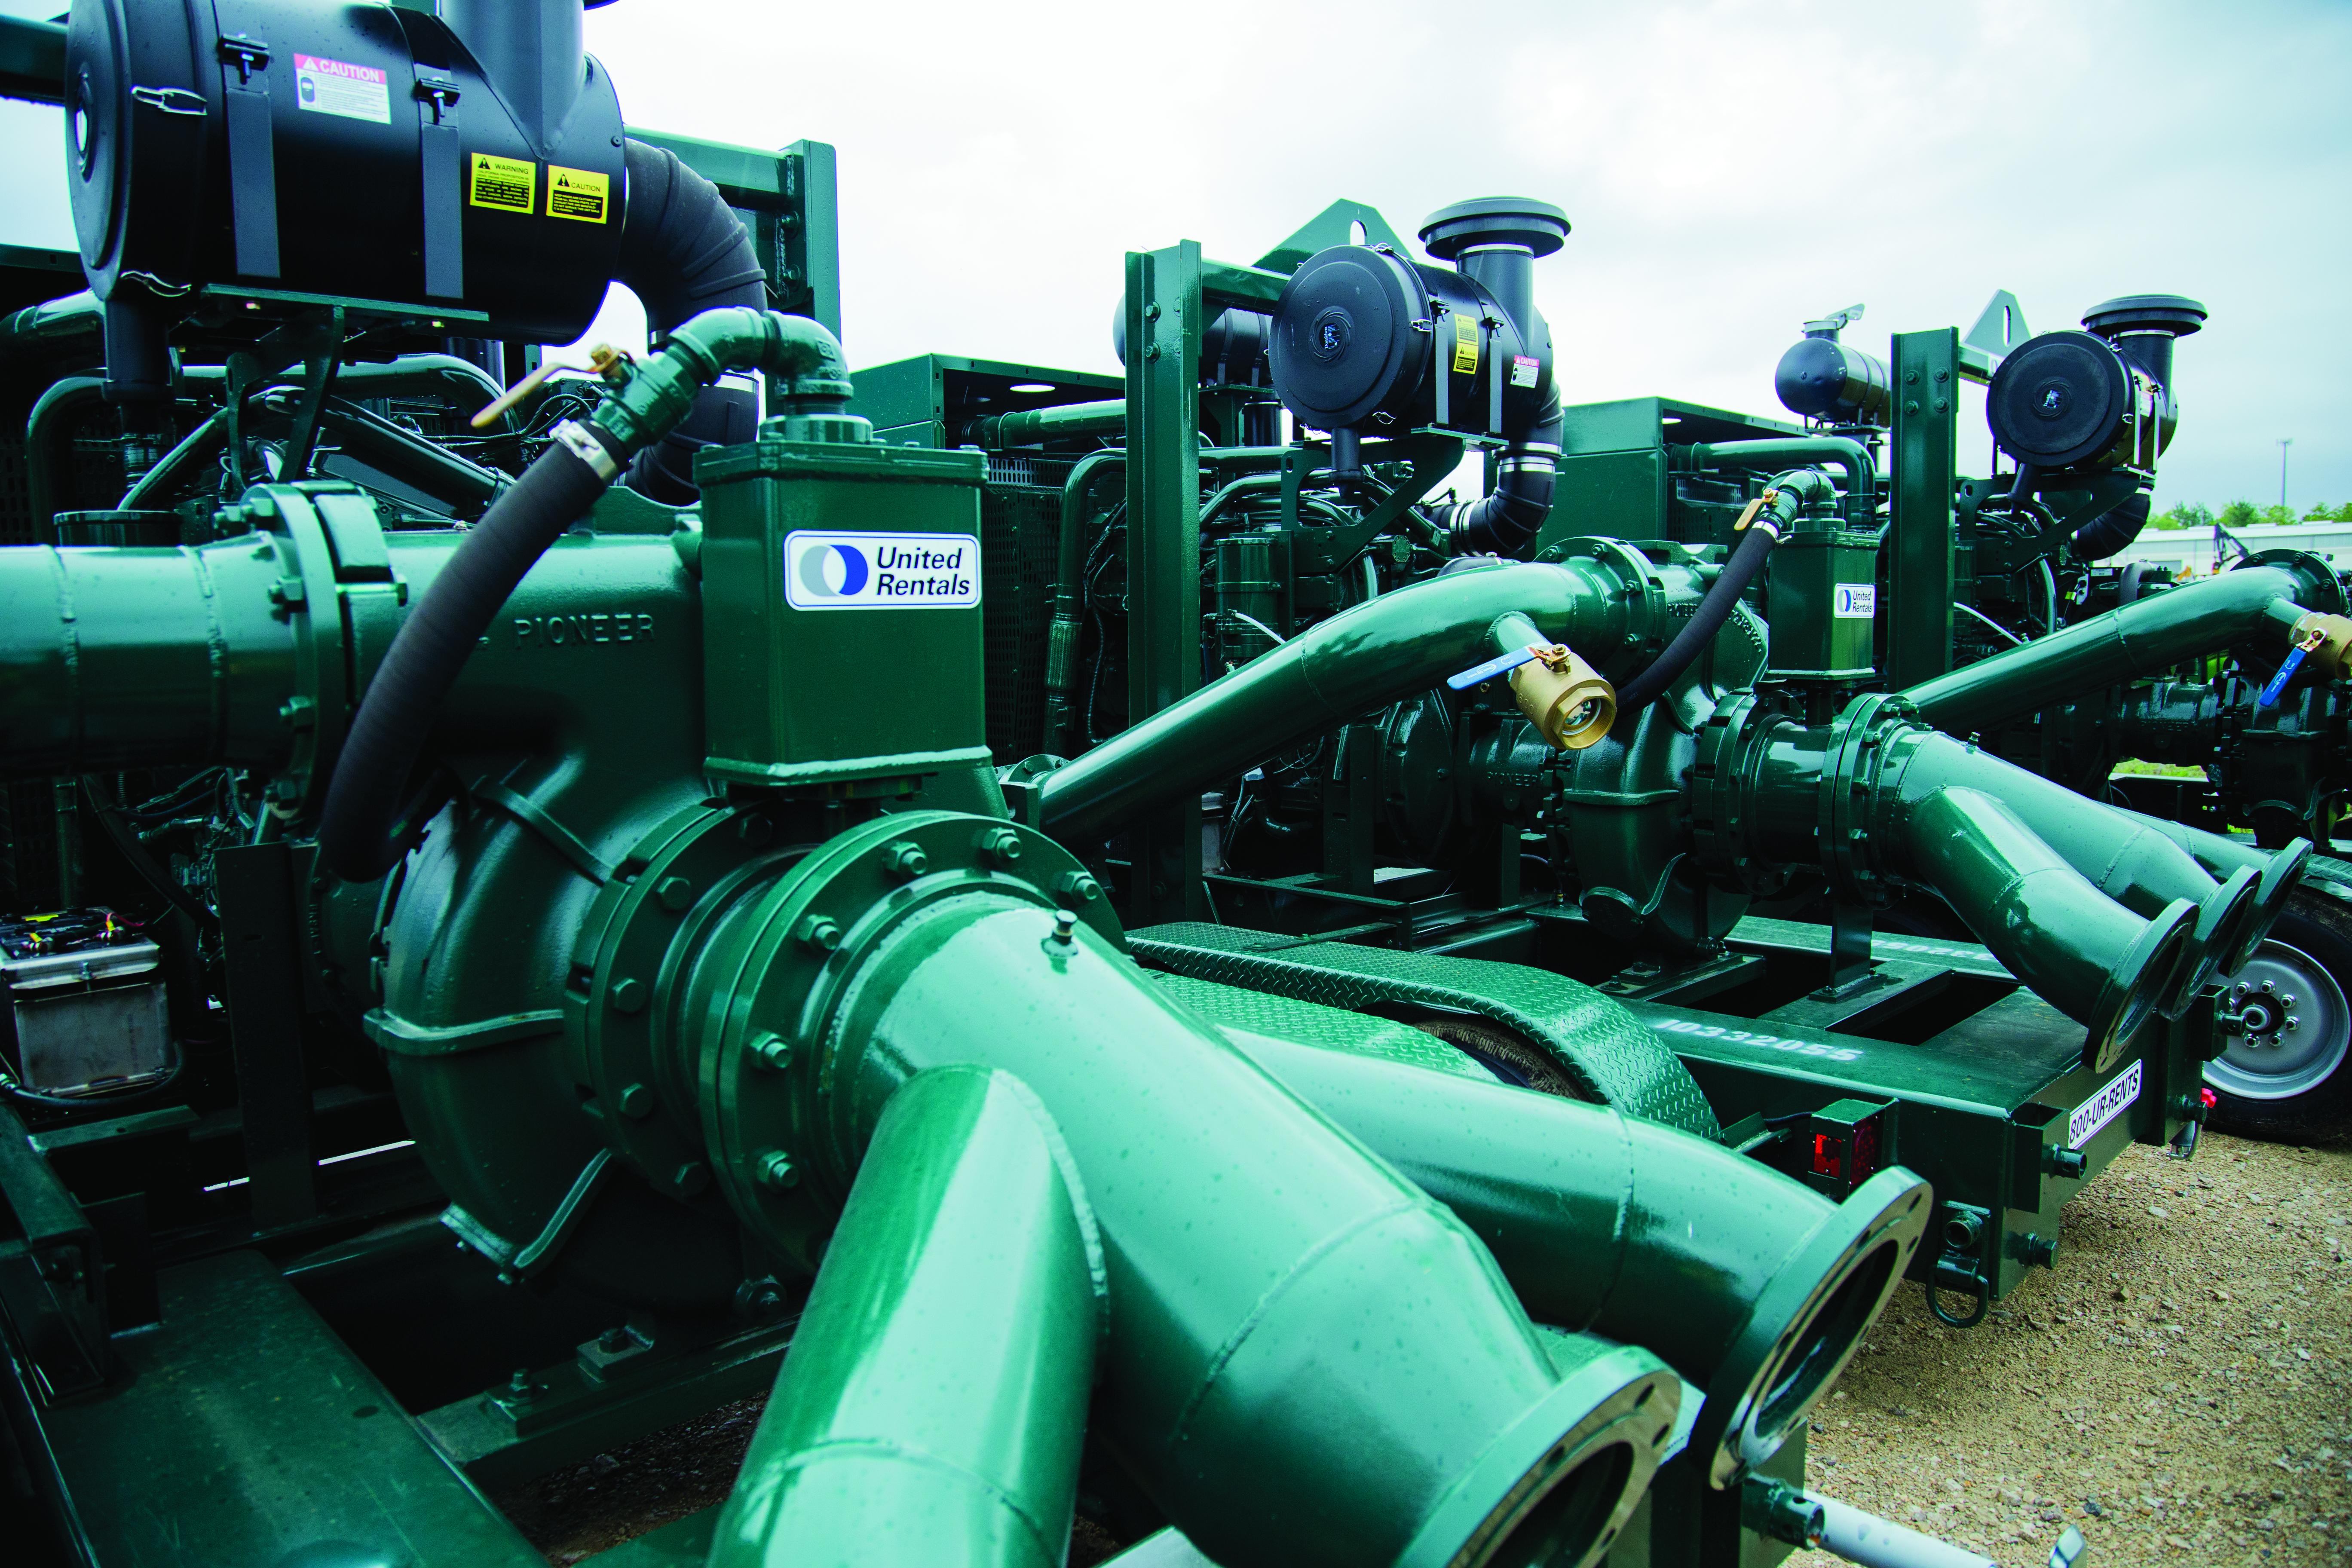 Pump Solutions at United Rentals